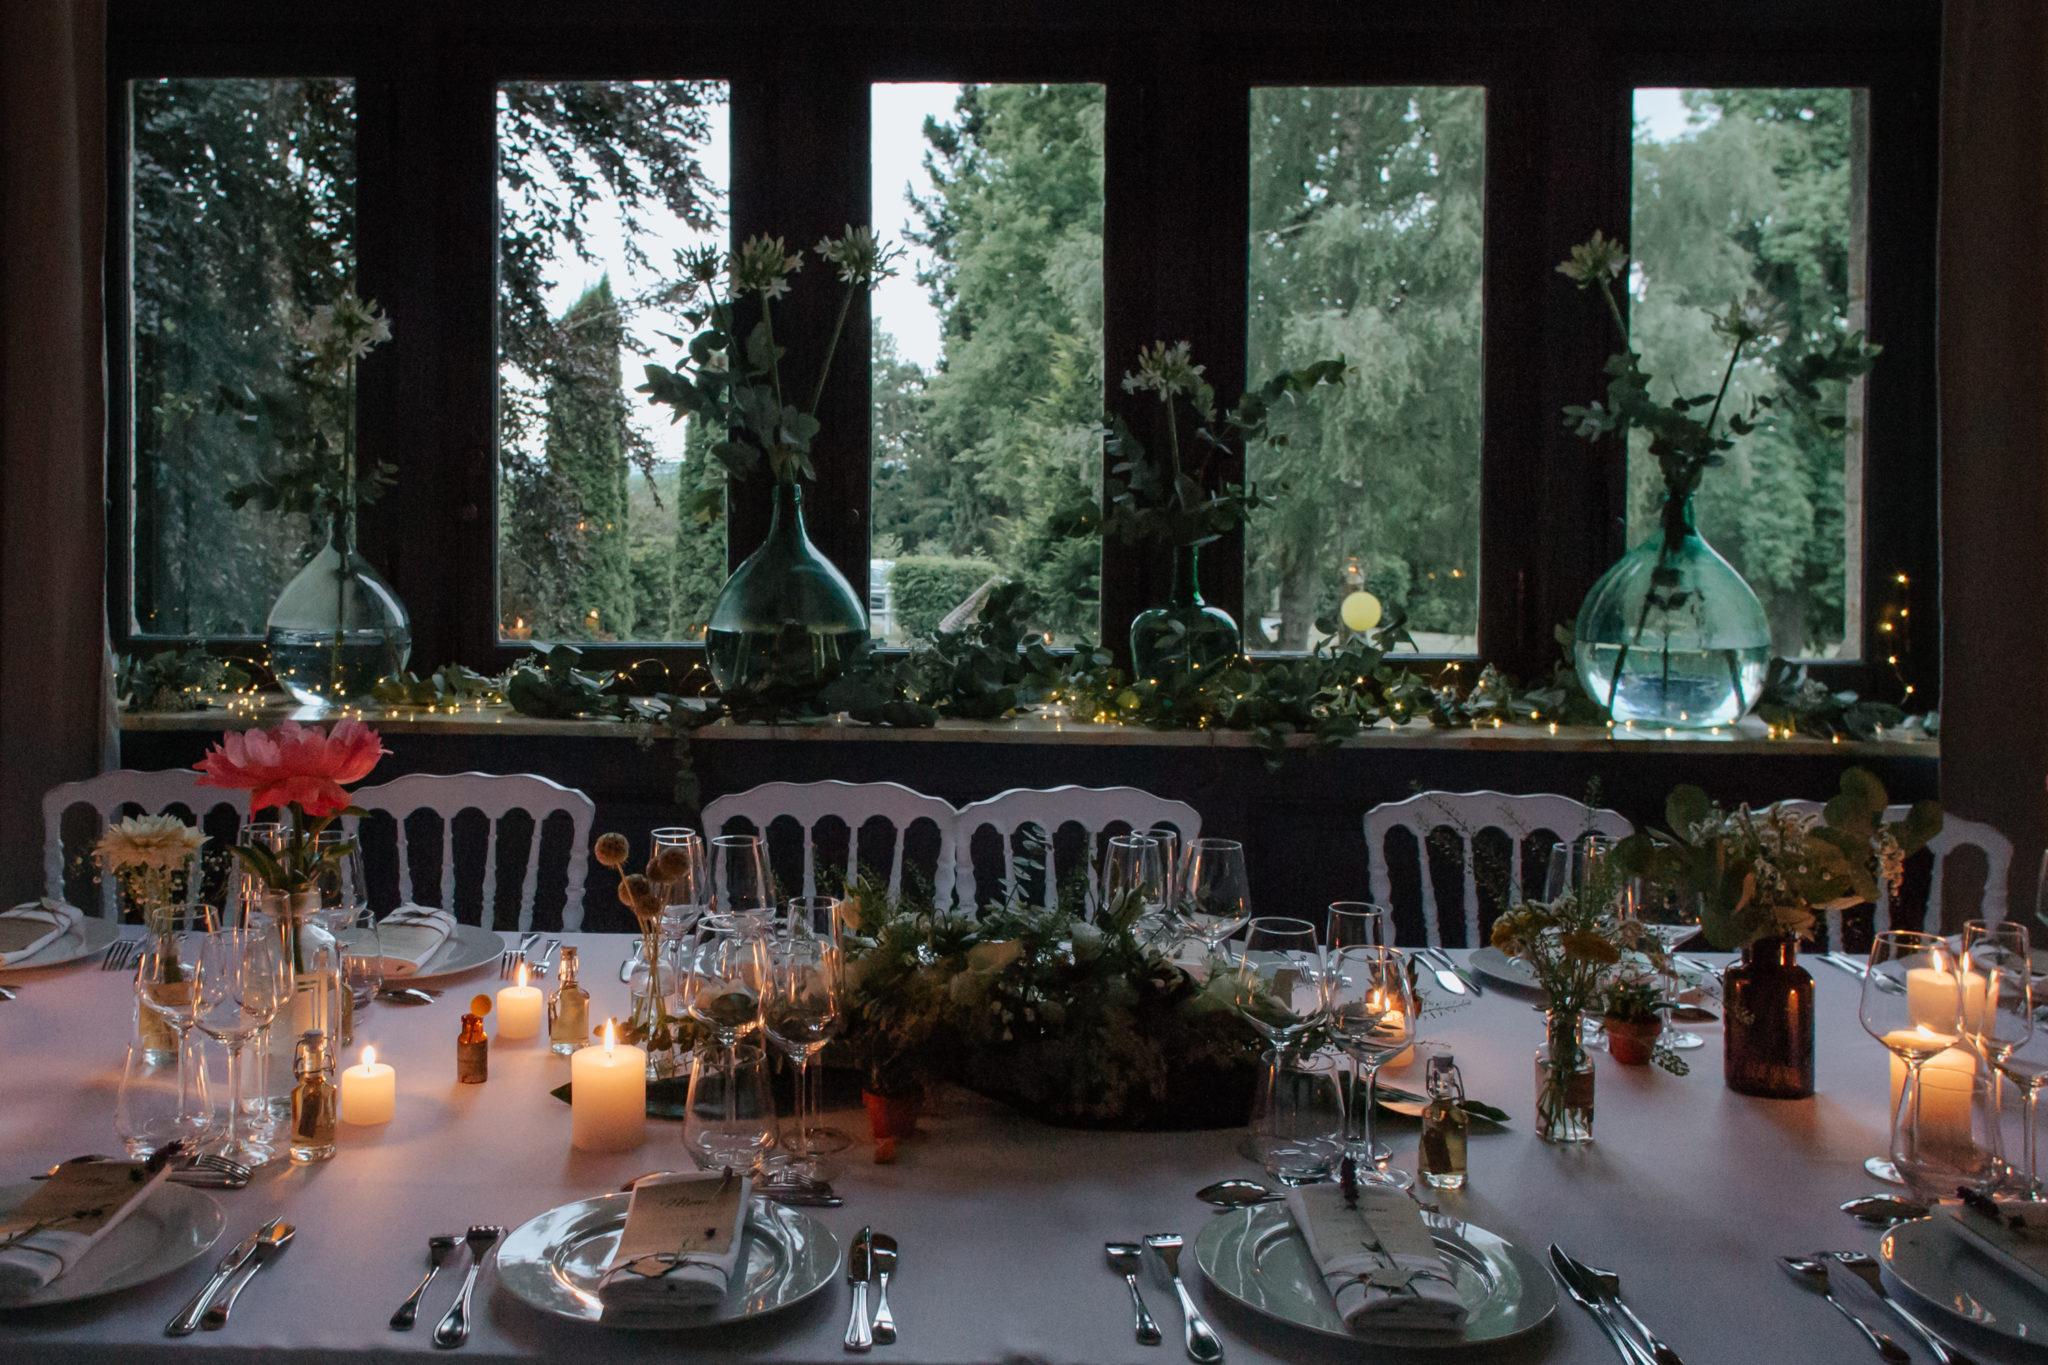 Décoration tables ambiance dîner Domaine Laumondiere Bagnoles de l'Orne